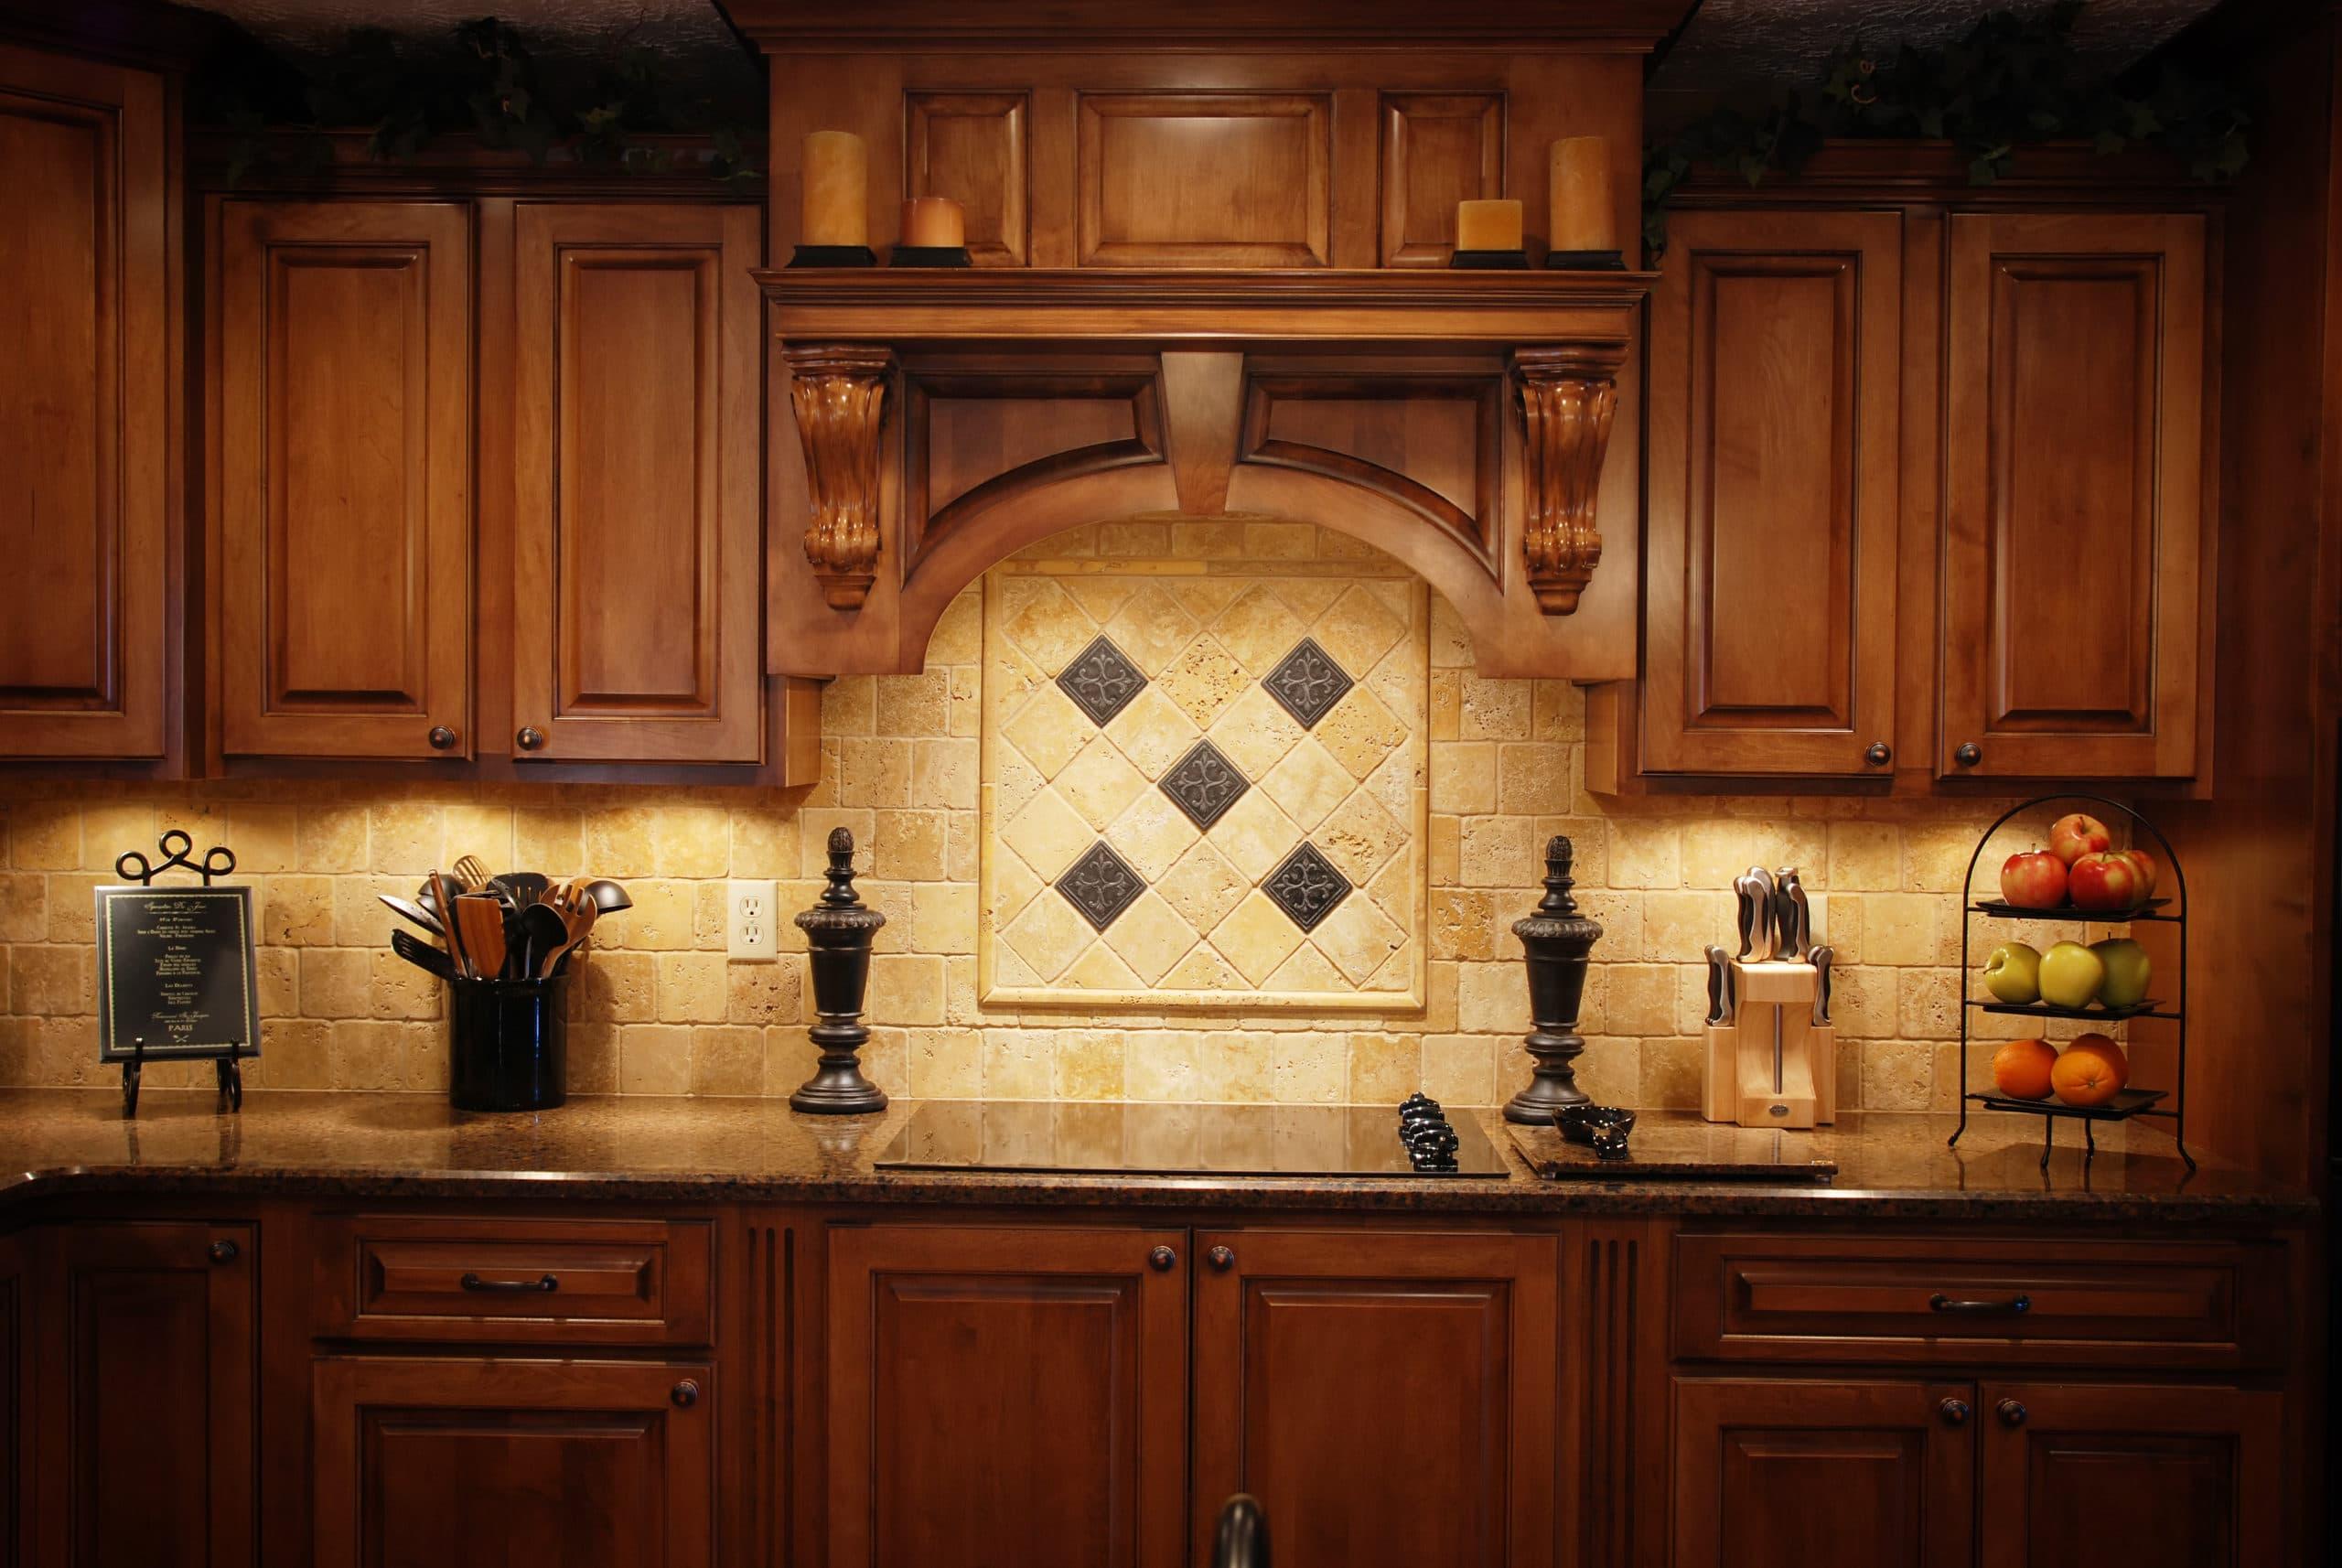 מטבחים מעץ חברות לעיצוב וייצור מטבחים מודרניים בעלי שנות ניסיון עם מלא ידע בתחום ומומחים להקמת אי במטבח מכל חומר תוך כדי חיבור הכיריים החשמליים ובדיקת תקינותם